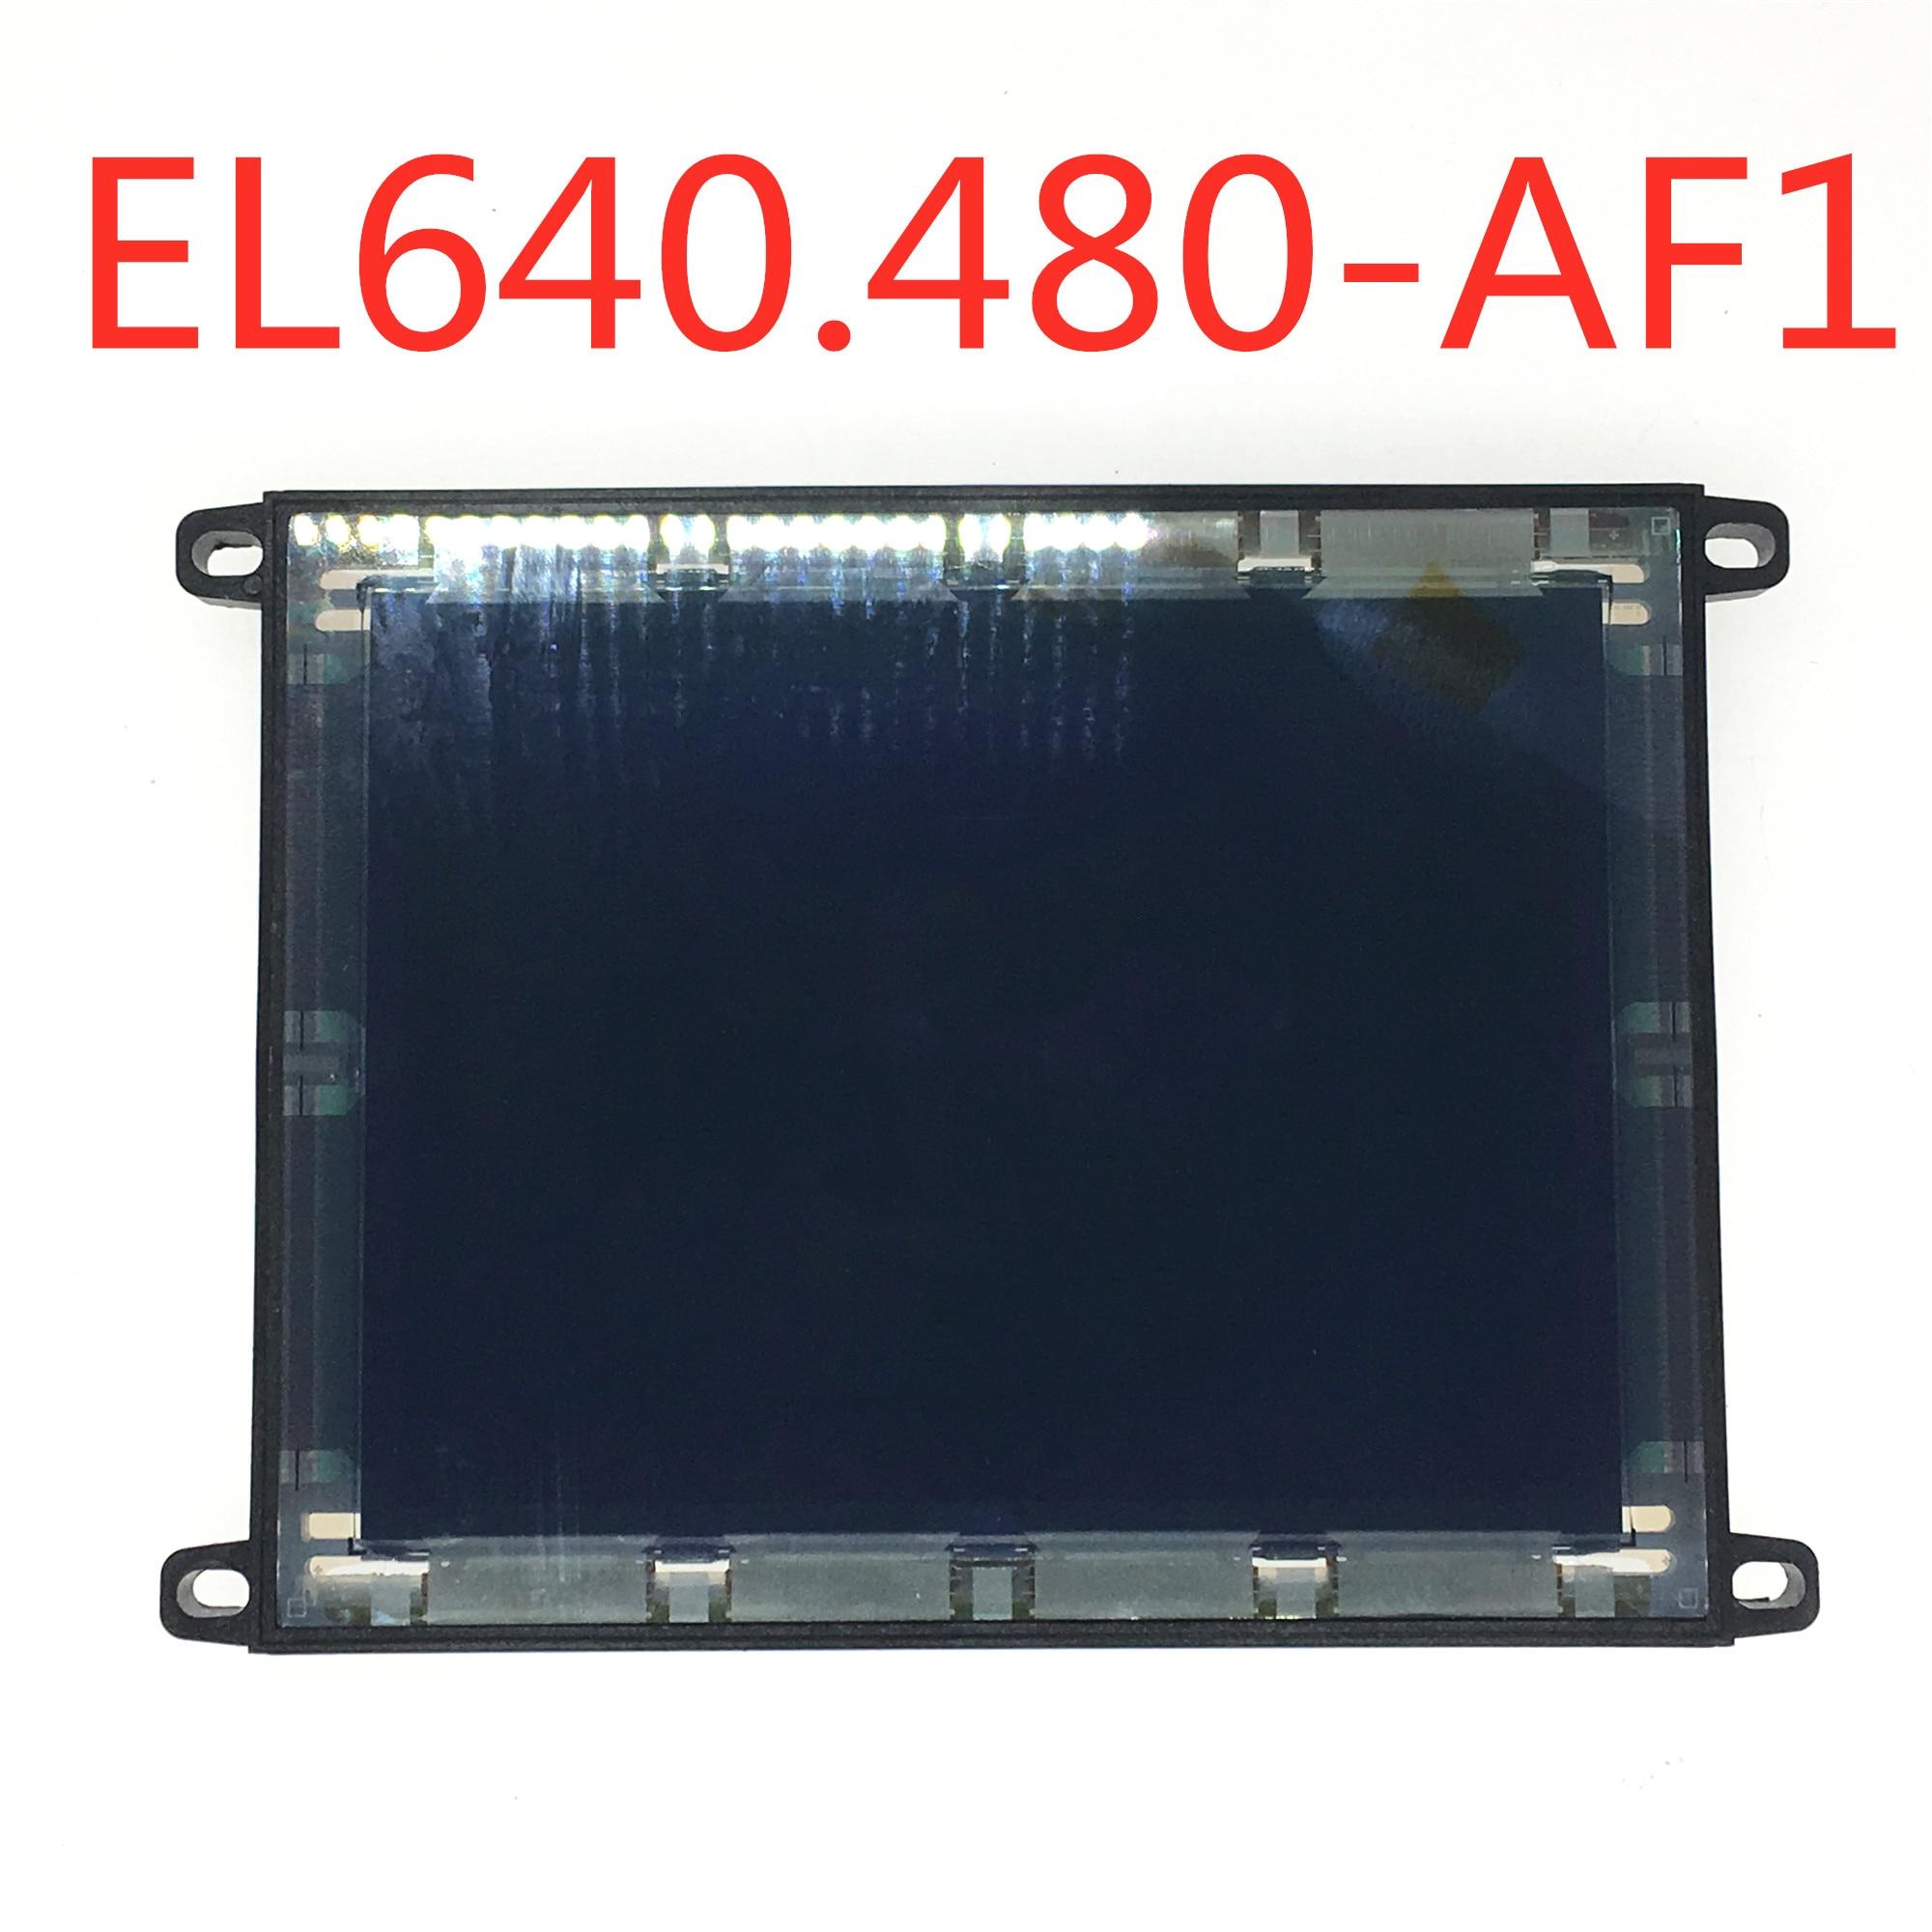 Peut fournir une vidéo de test, 90 jours de garantie EL640.480-AF1 6.4 ''640*480 écran LCD